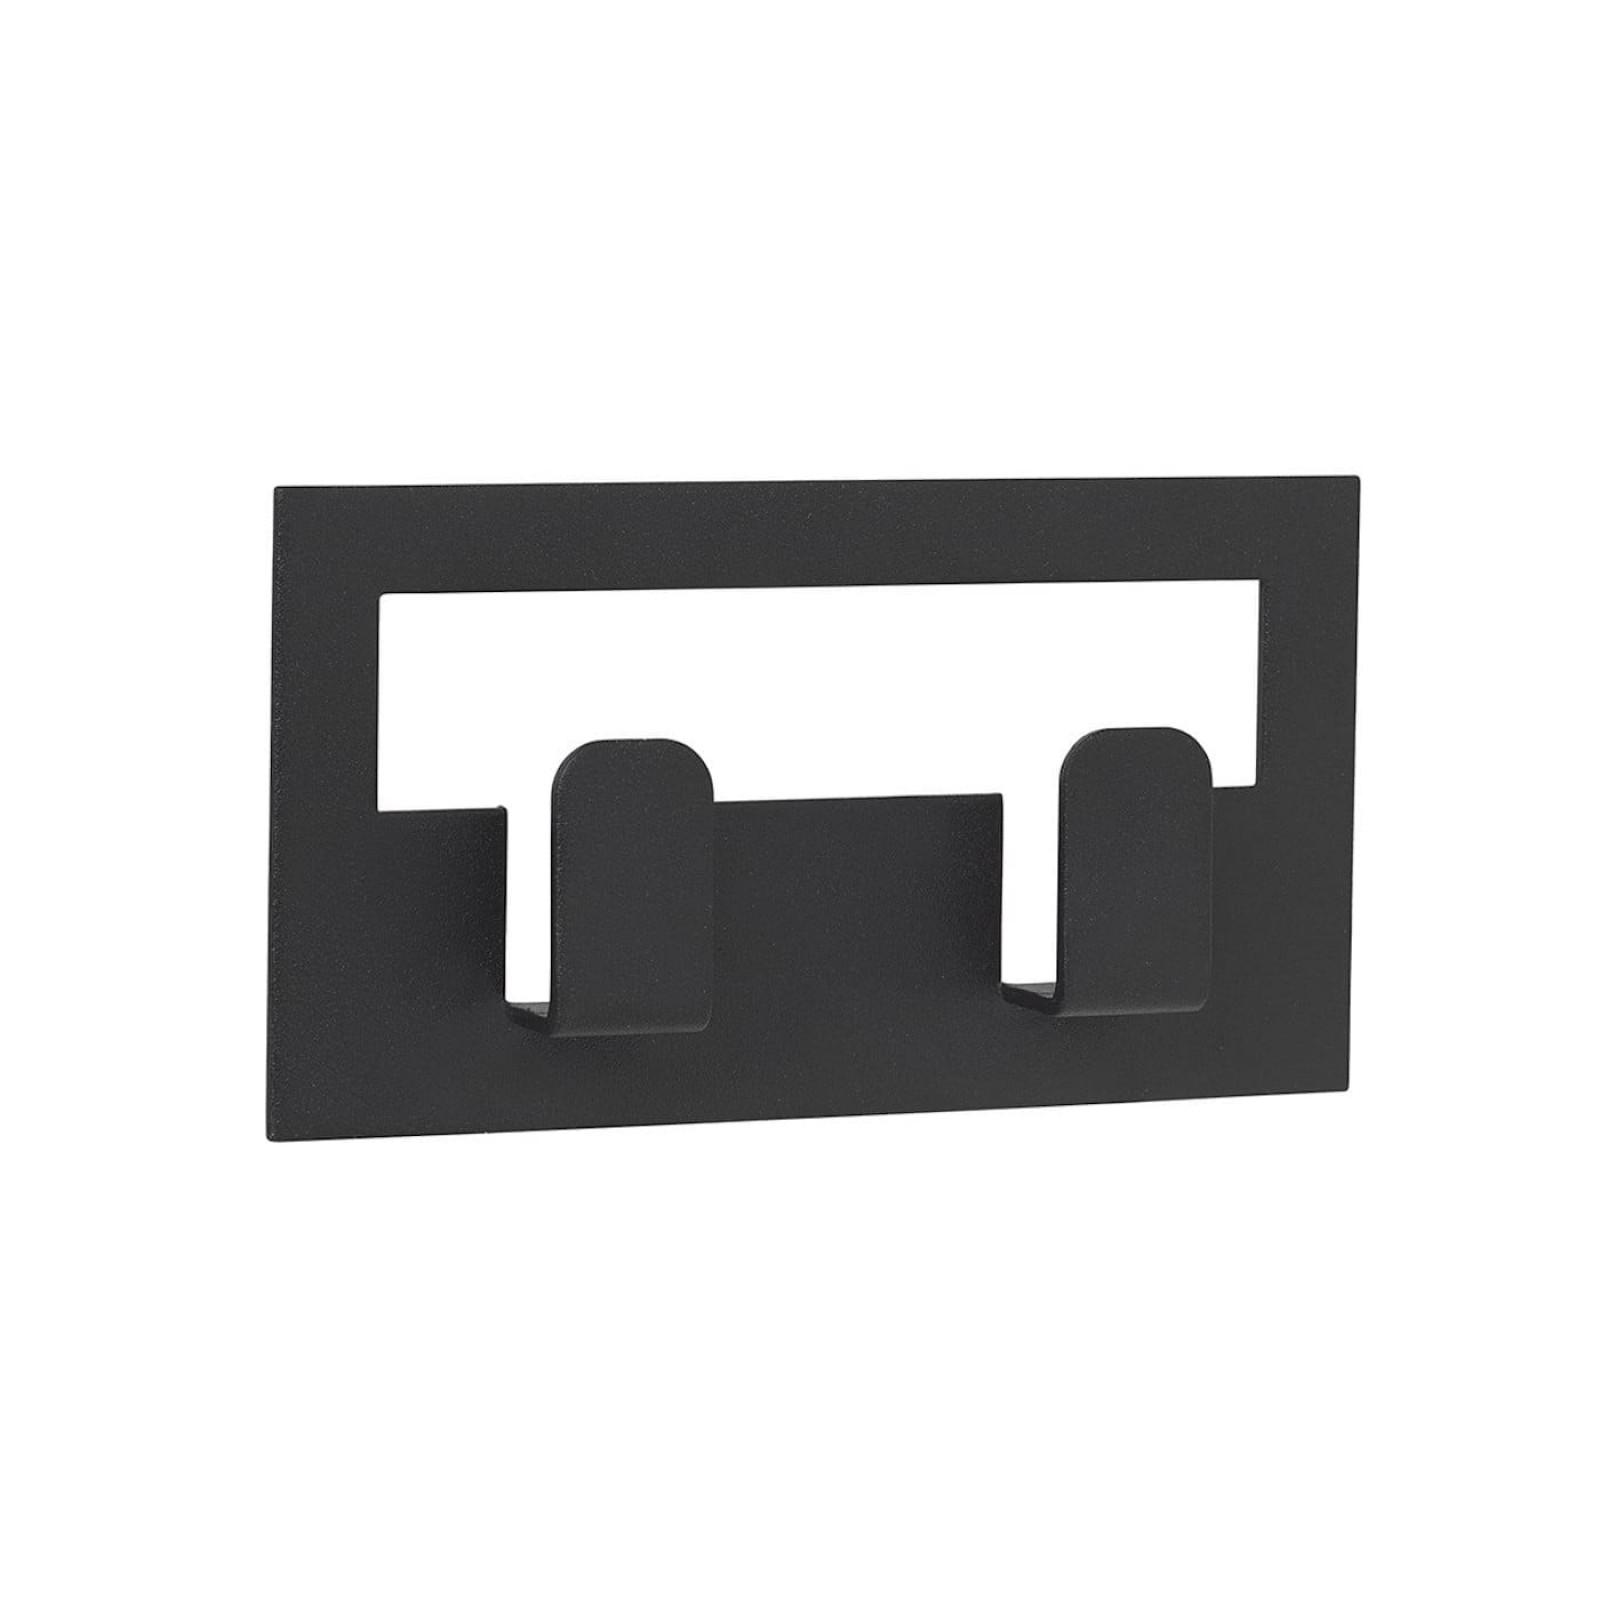 Διπλή Κρεμάστρα για Πετσέτες με Αυτοκόλλητο VINDO (Μαύρο) - Blomus